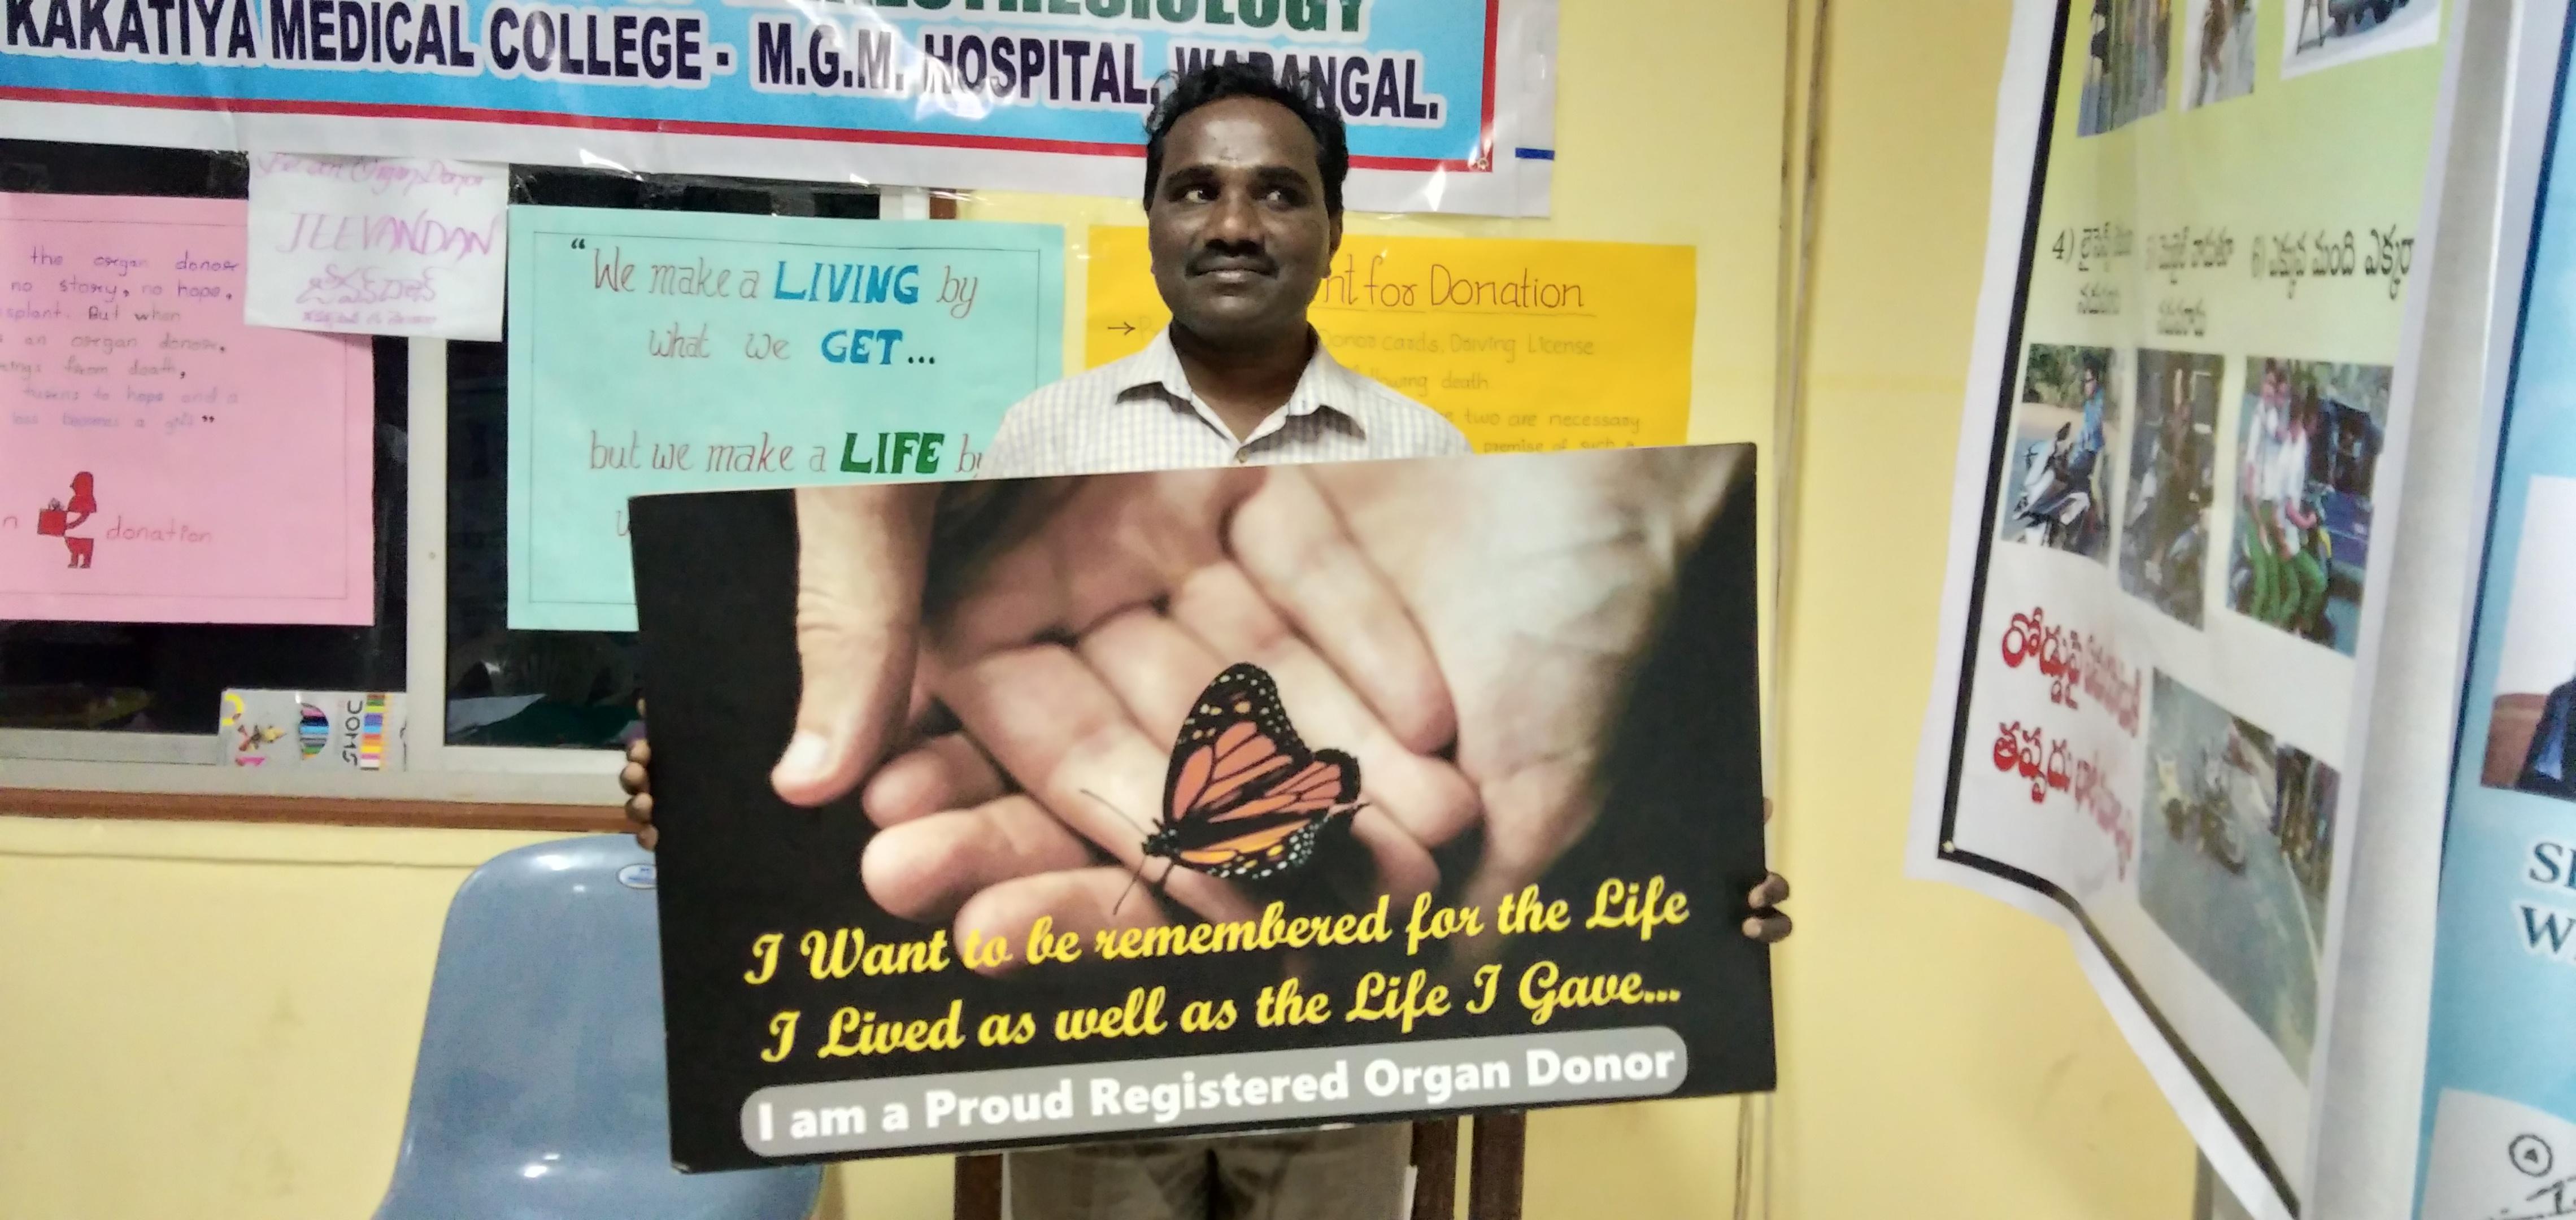 Awareness Program on Organ Donation at Kakatiya Medical